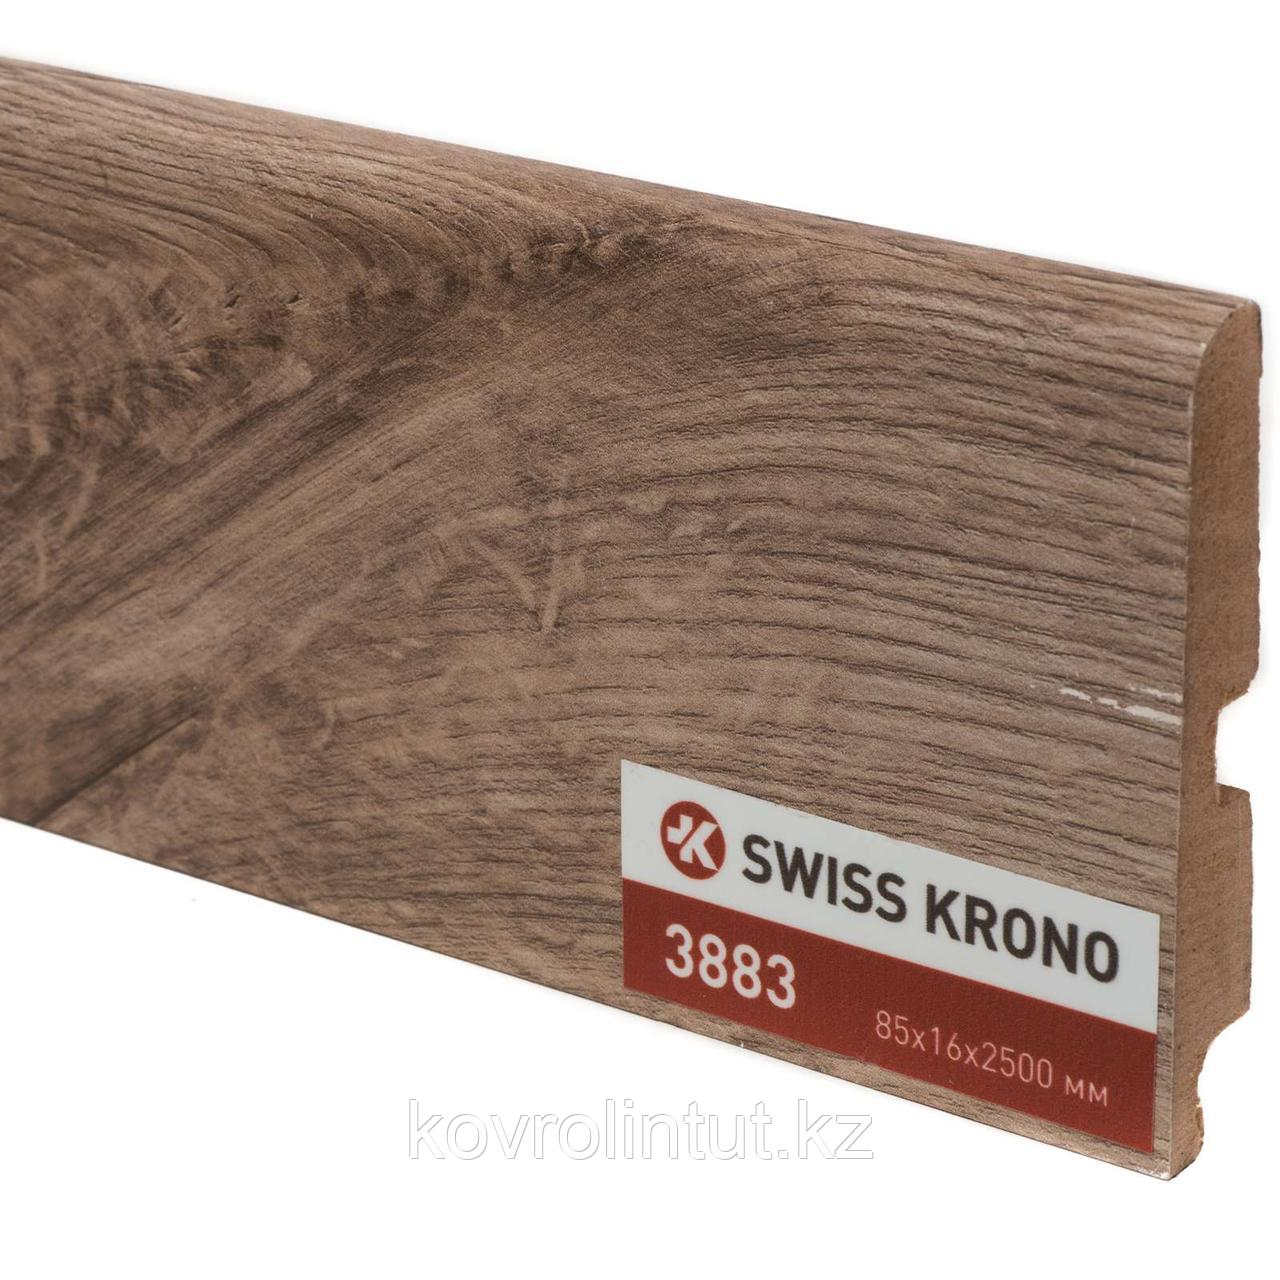 Плинтус Kronopol P85 3883 Piano Oak 2500х85х16мм